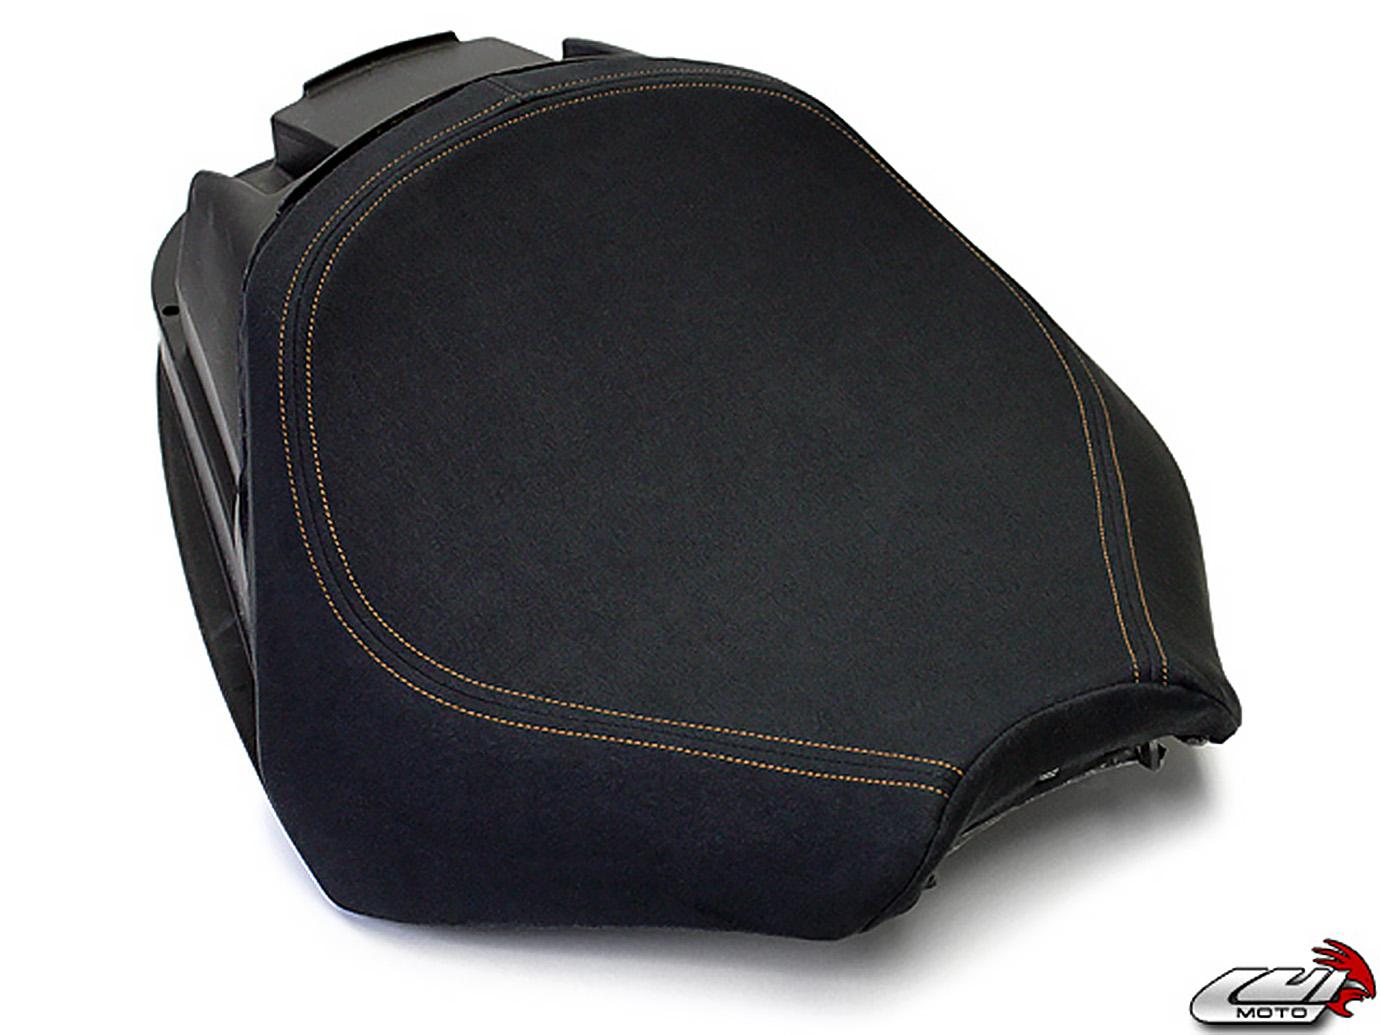 DUCATI SPORT CLASSIC 06-09 LUIMOTO 製ライダーシートカバー (Monoposto Suede 1111105)